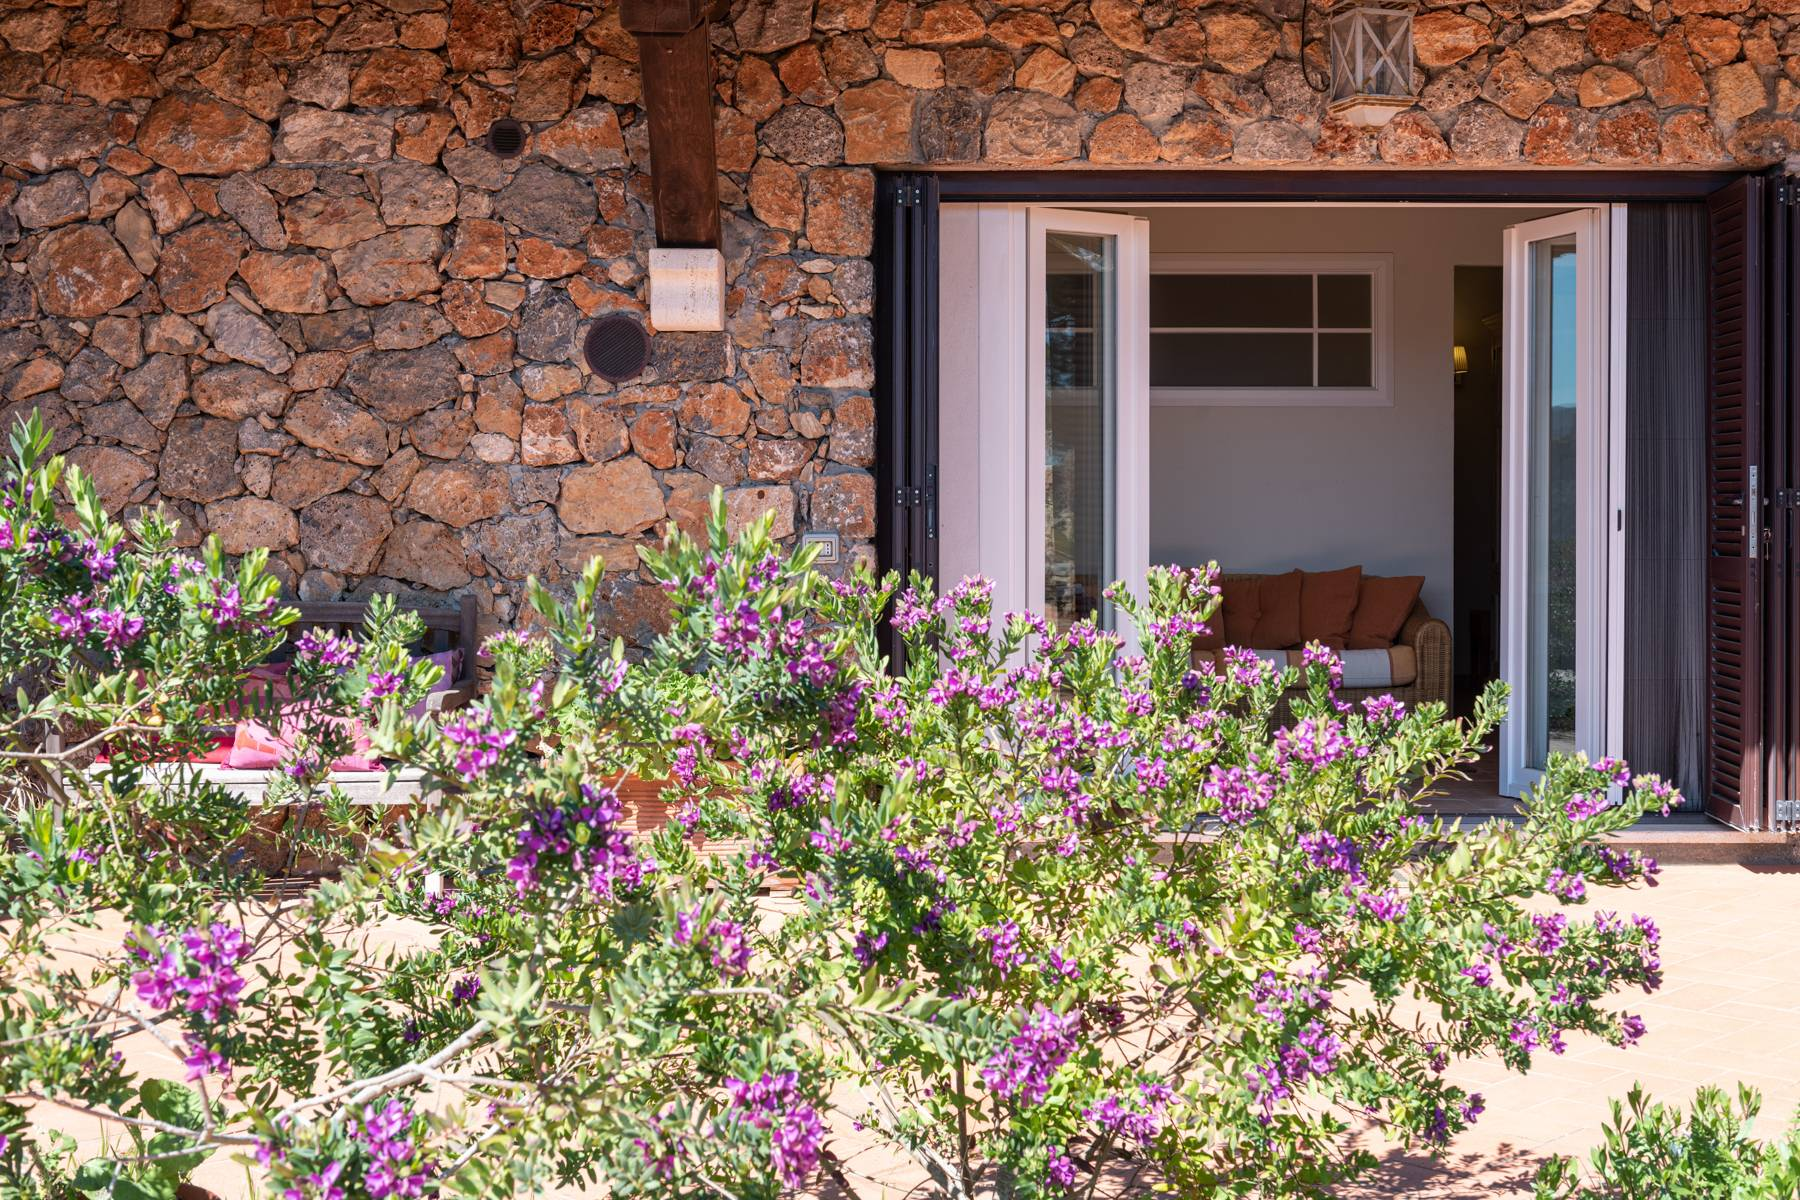 Villa in Vendita a Monte Argentario: 5 locali, 124 mq - Foto 25